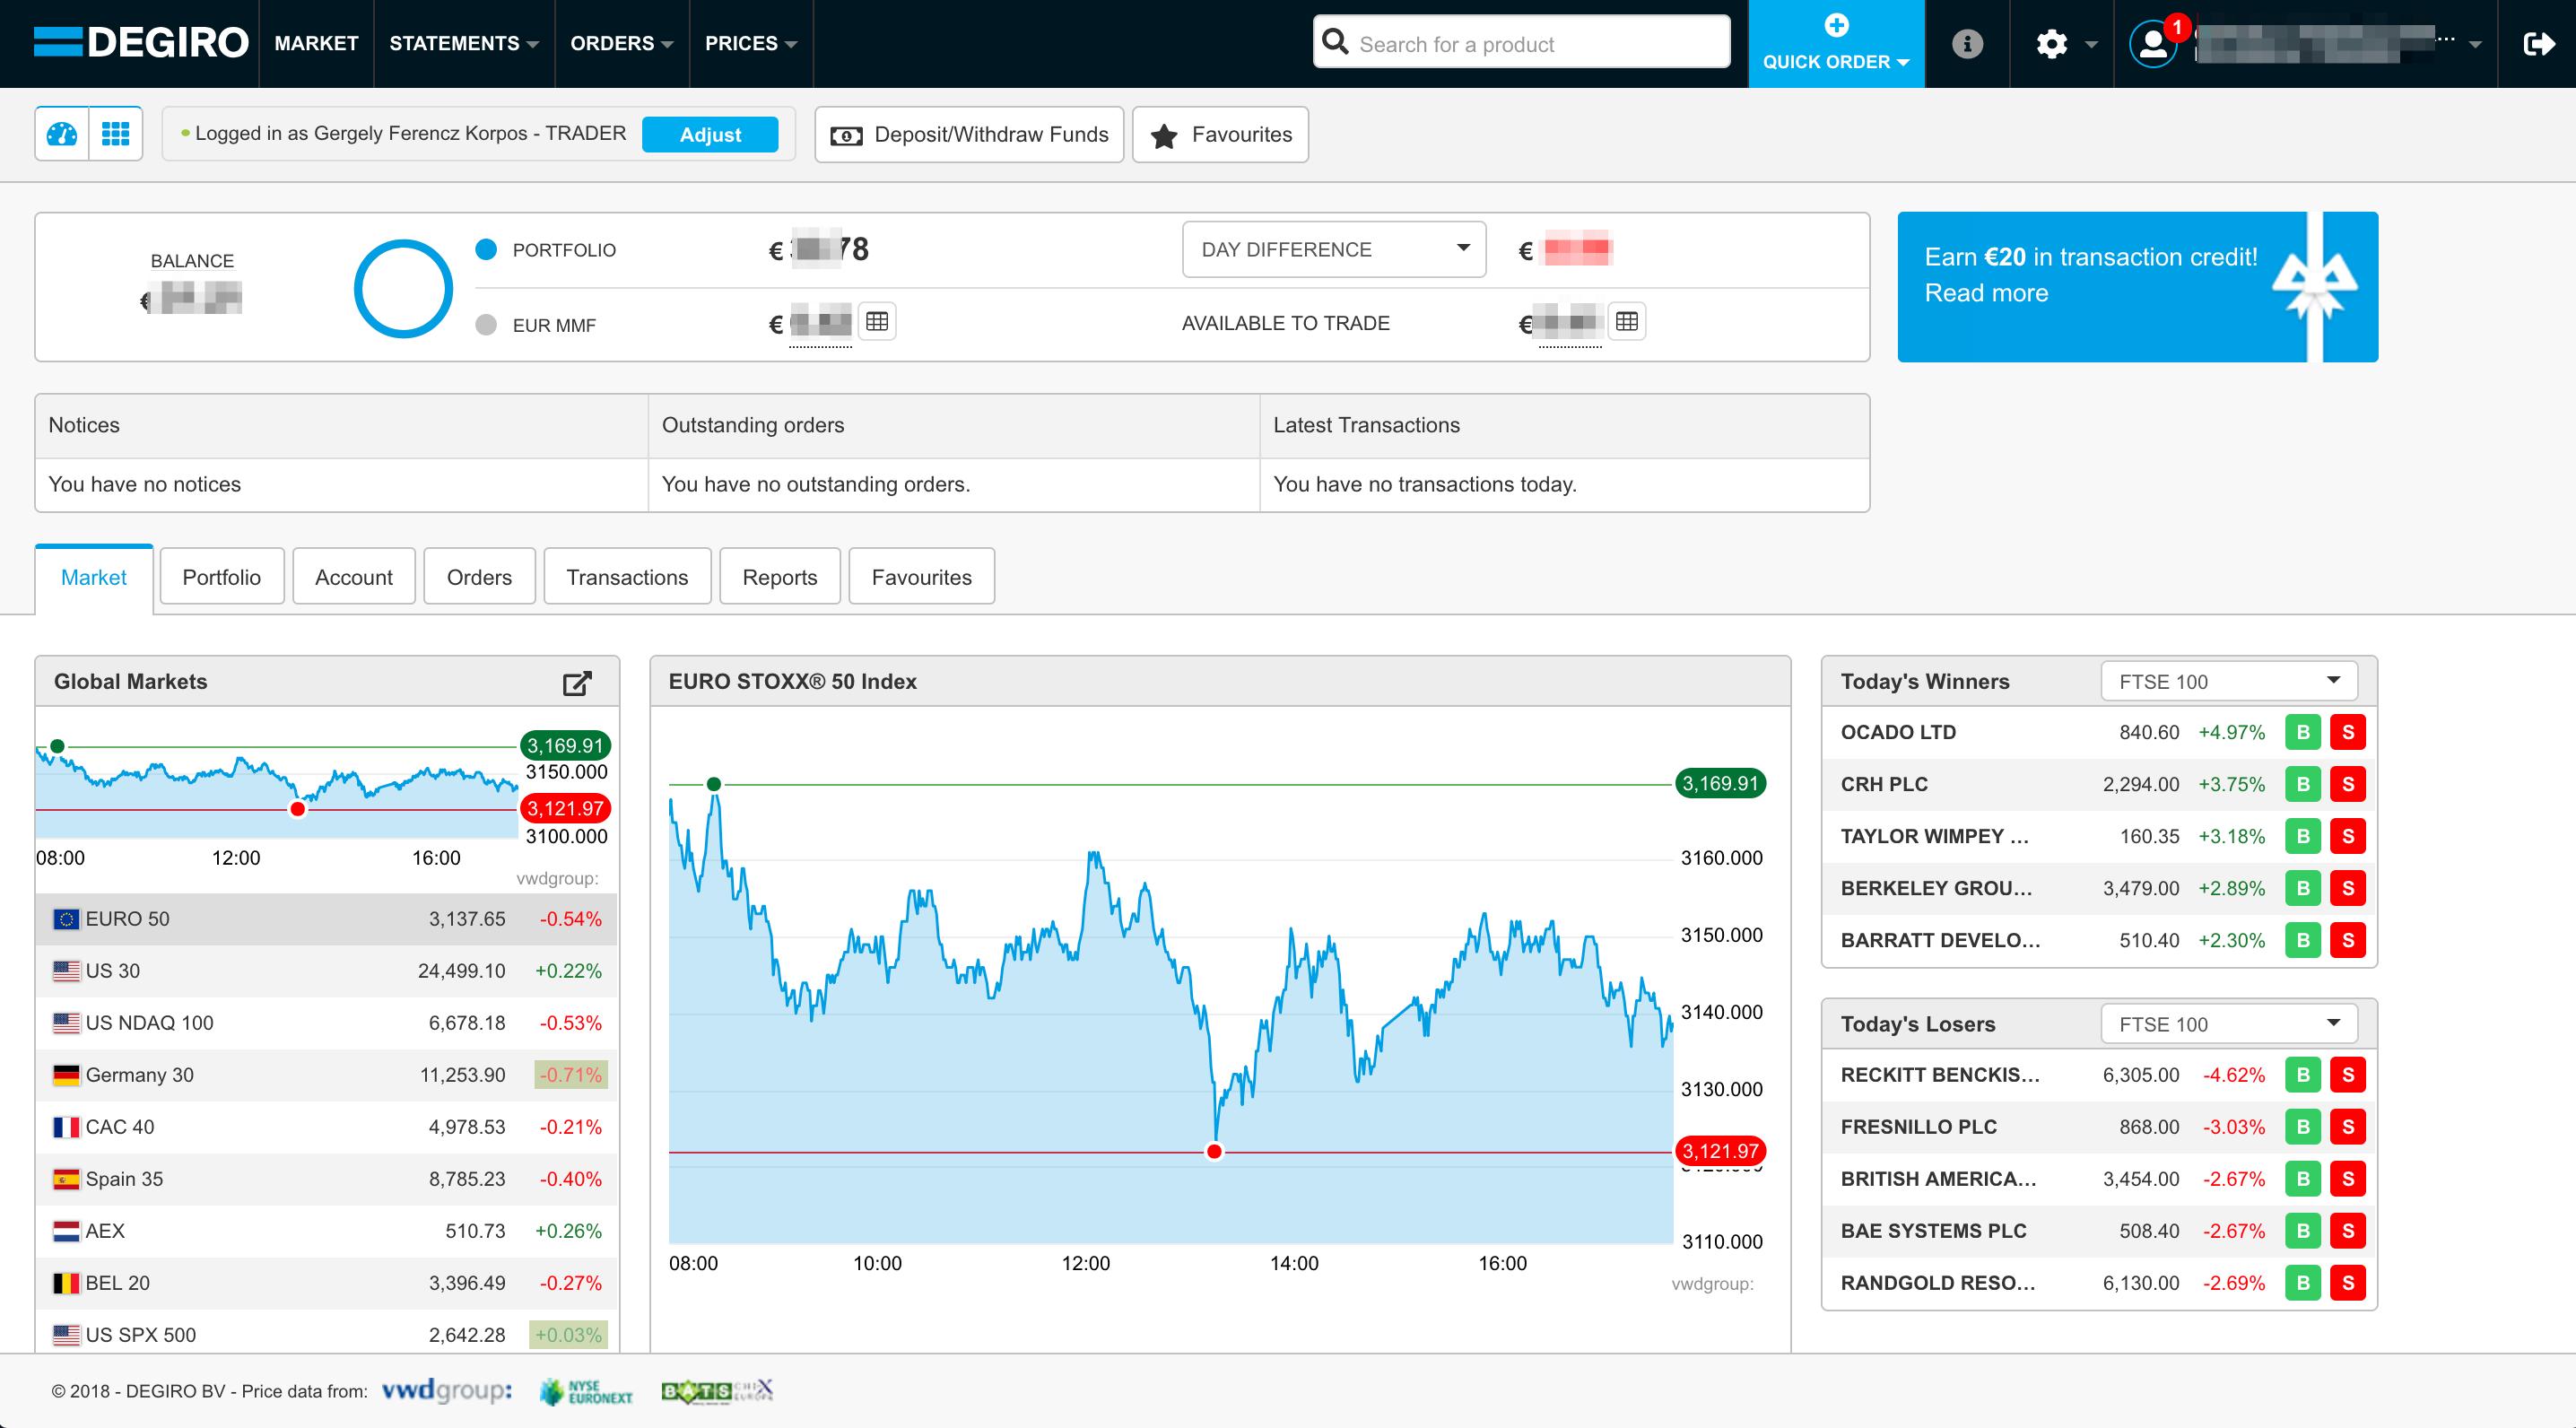 Best online brokers - DEGIRO trading platform